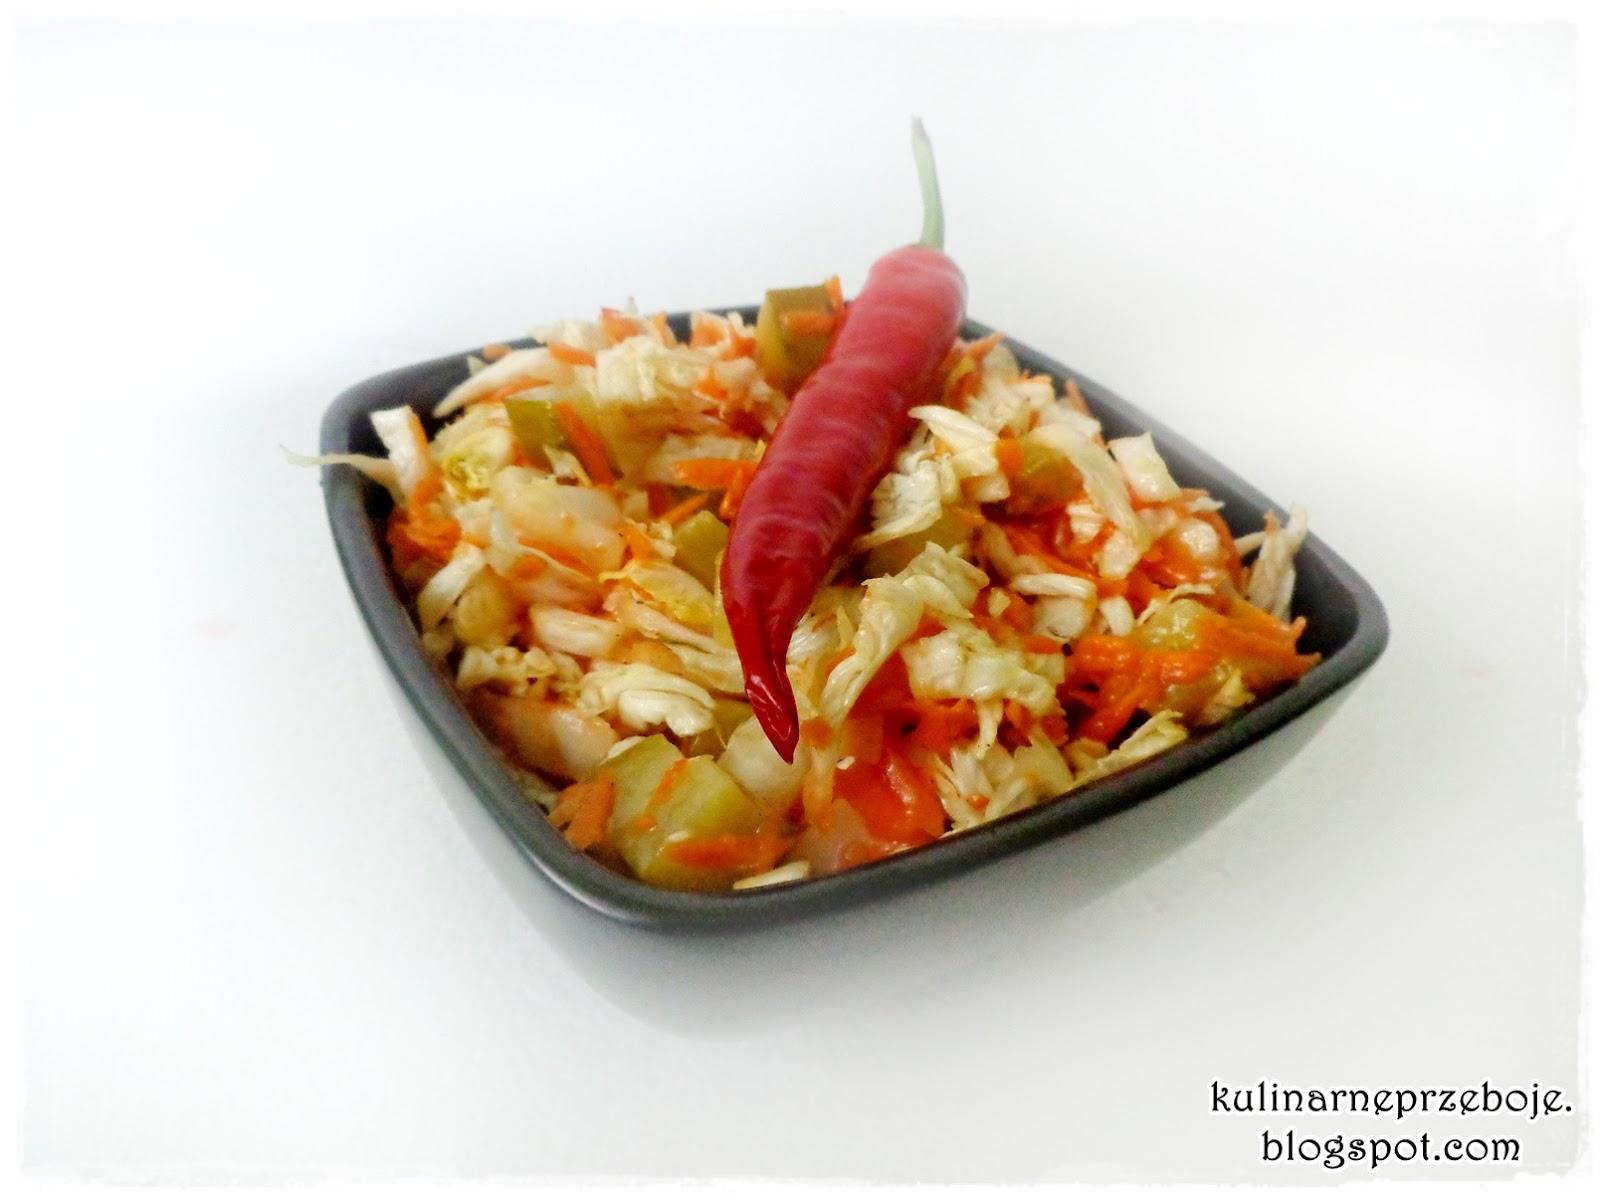 Słodko-pikantna surówka z kapusty pekińskiej